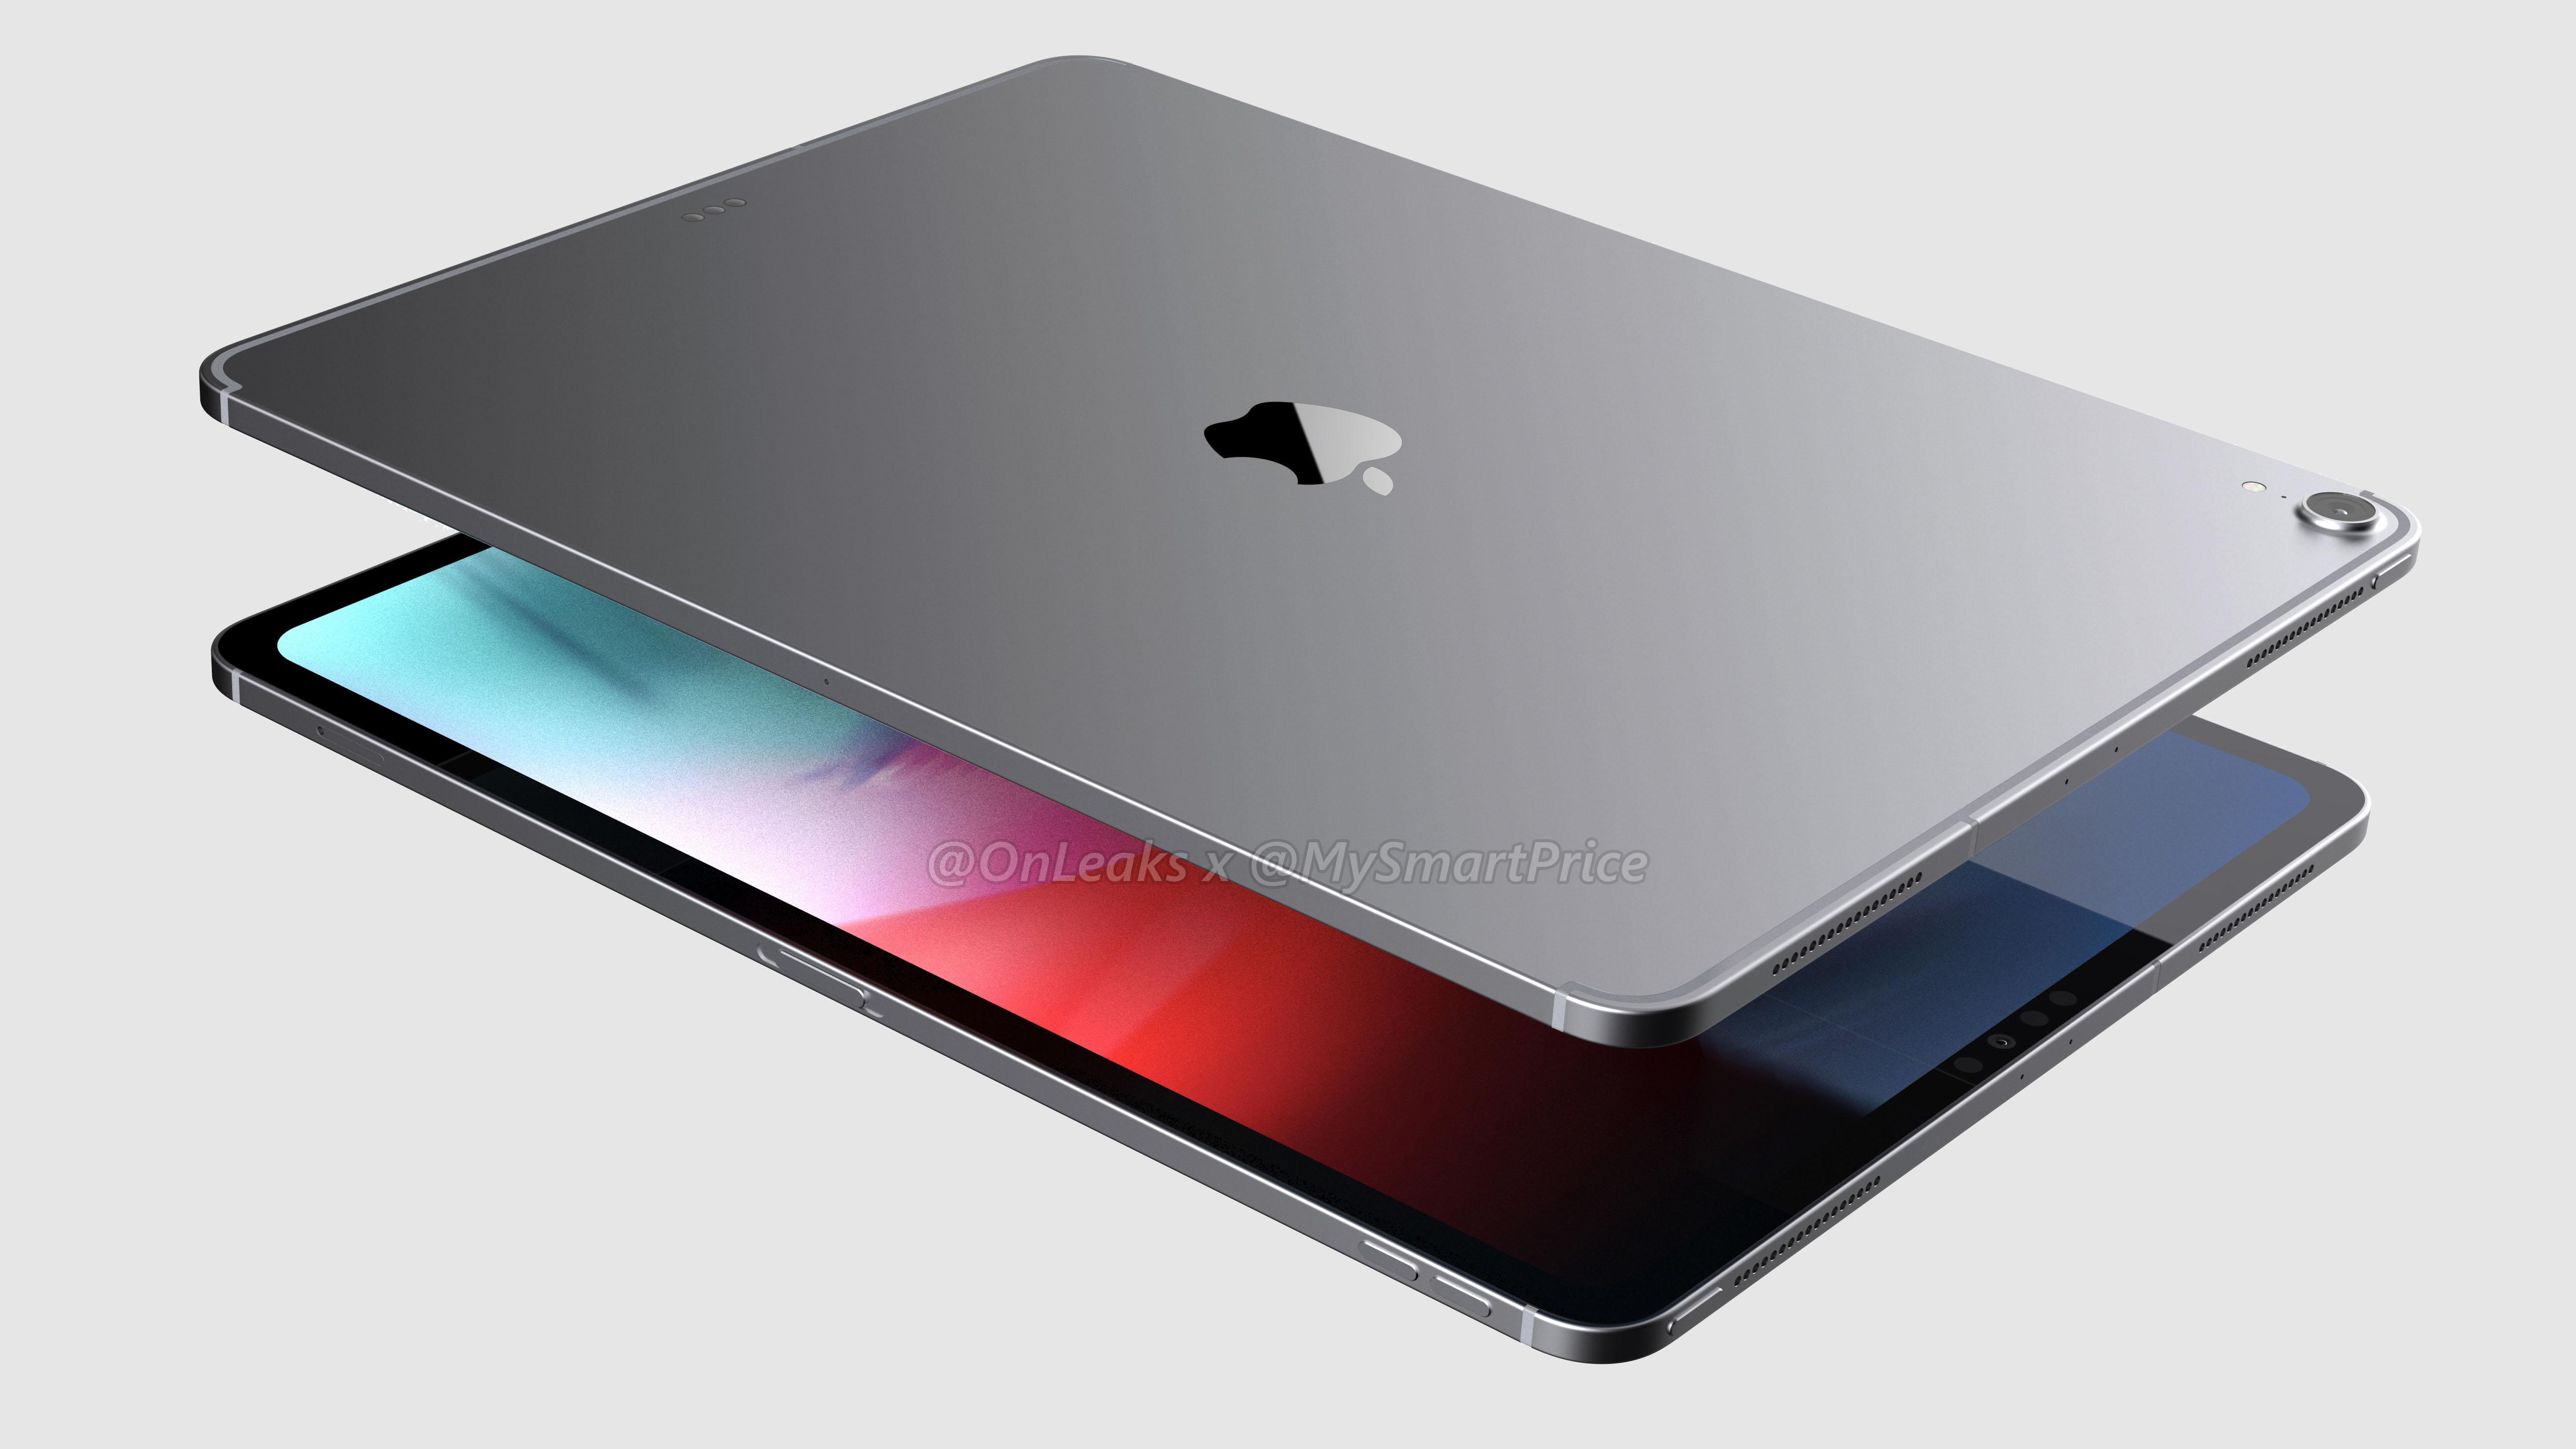 新型iPad Pro、ノッチレスディスプレイ・USB-C搭載か。新型Apple Pencil対応も